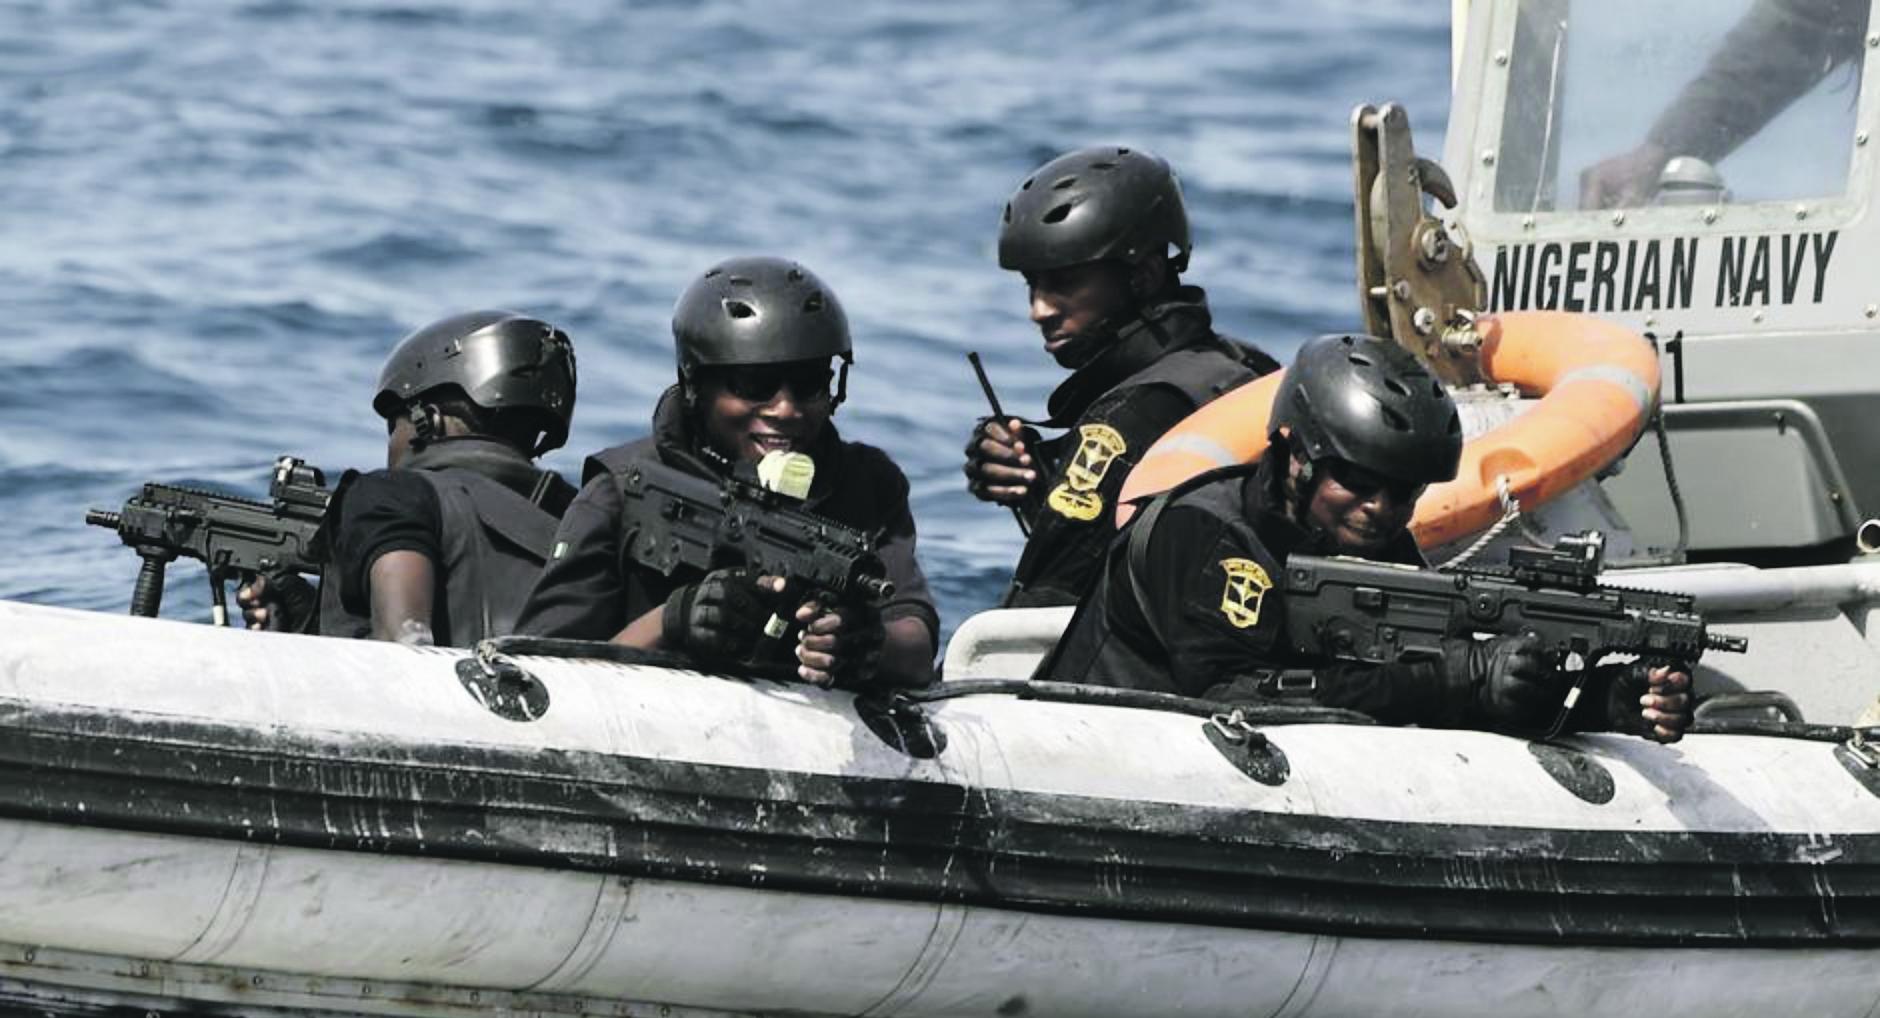 De nieuwe hoogste baas van de Nigeriaanse marine heeft een zero tolerance beleid afgekondigd voor officieren die worden betrapt op samenwerking met piraten